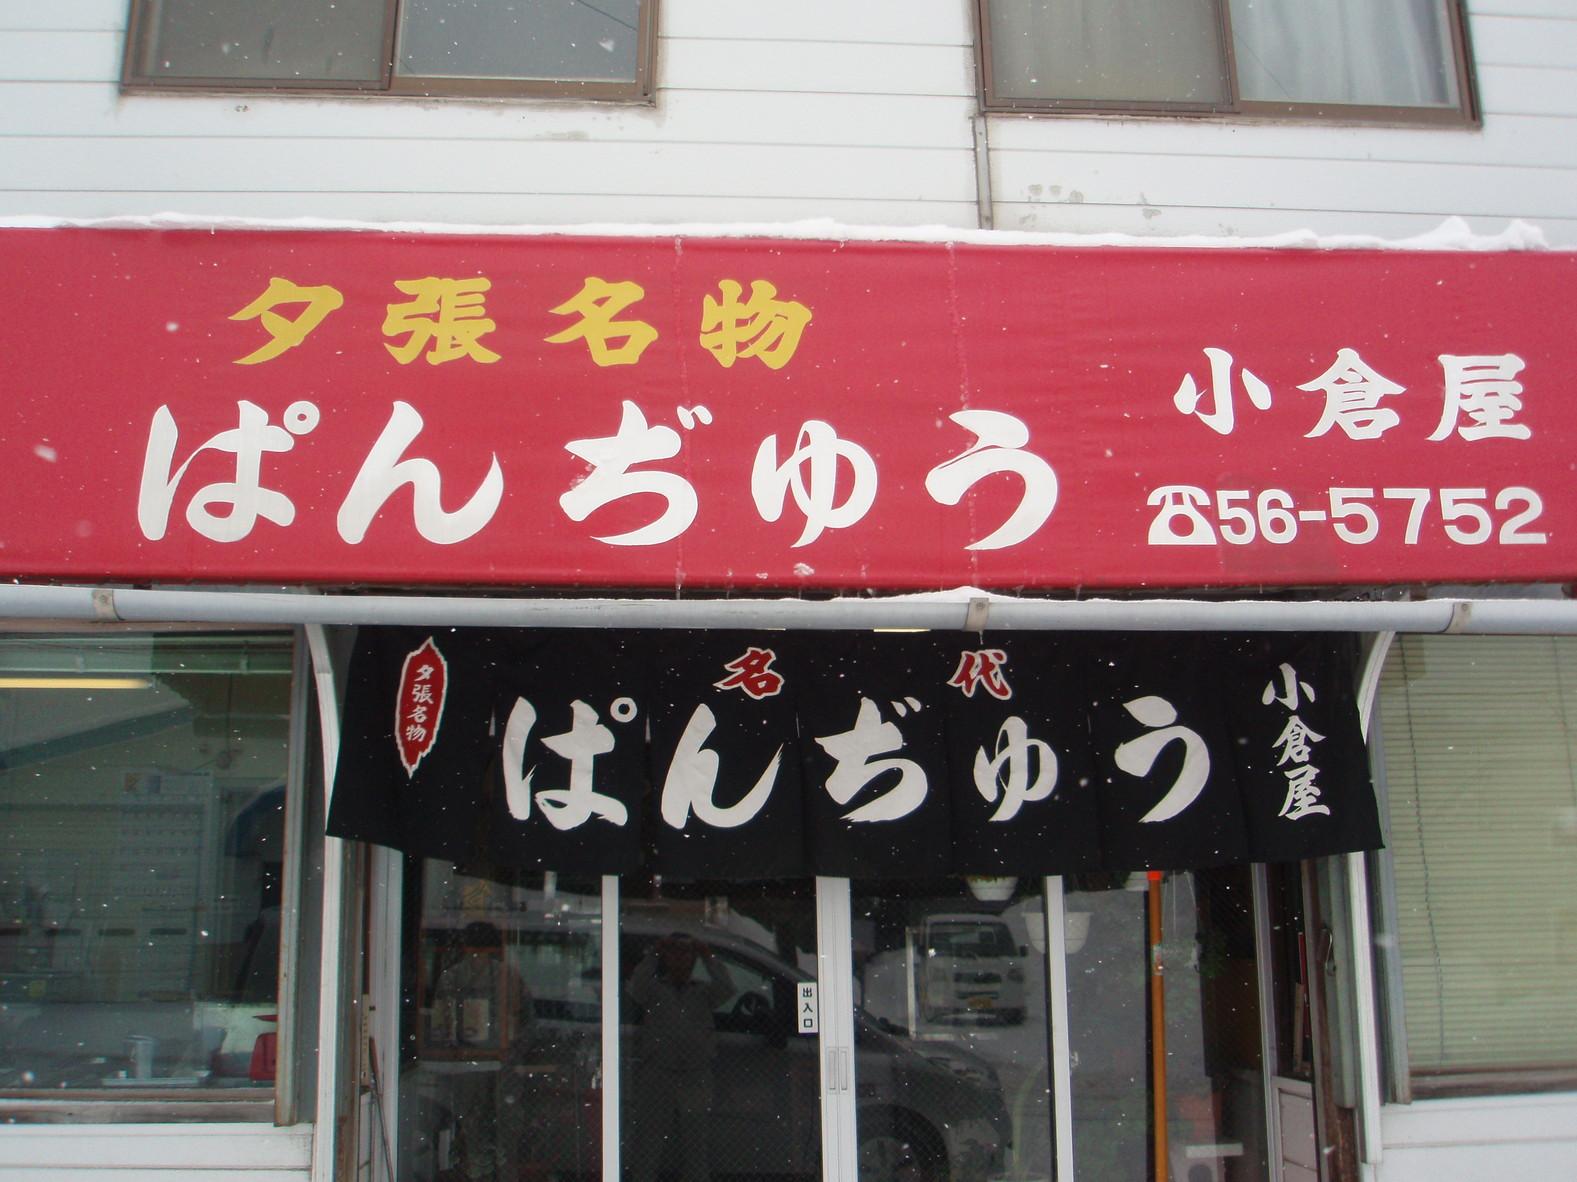 小倉屋ぱんぢゅう店